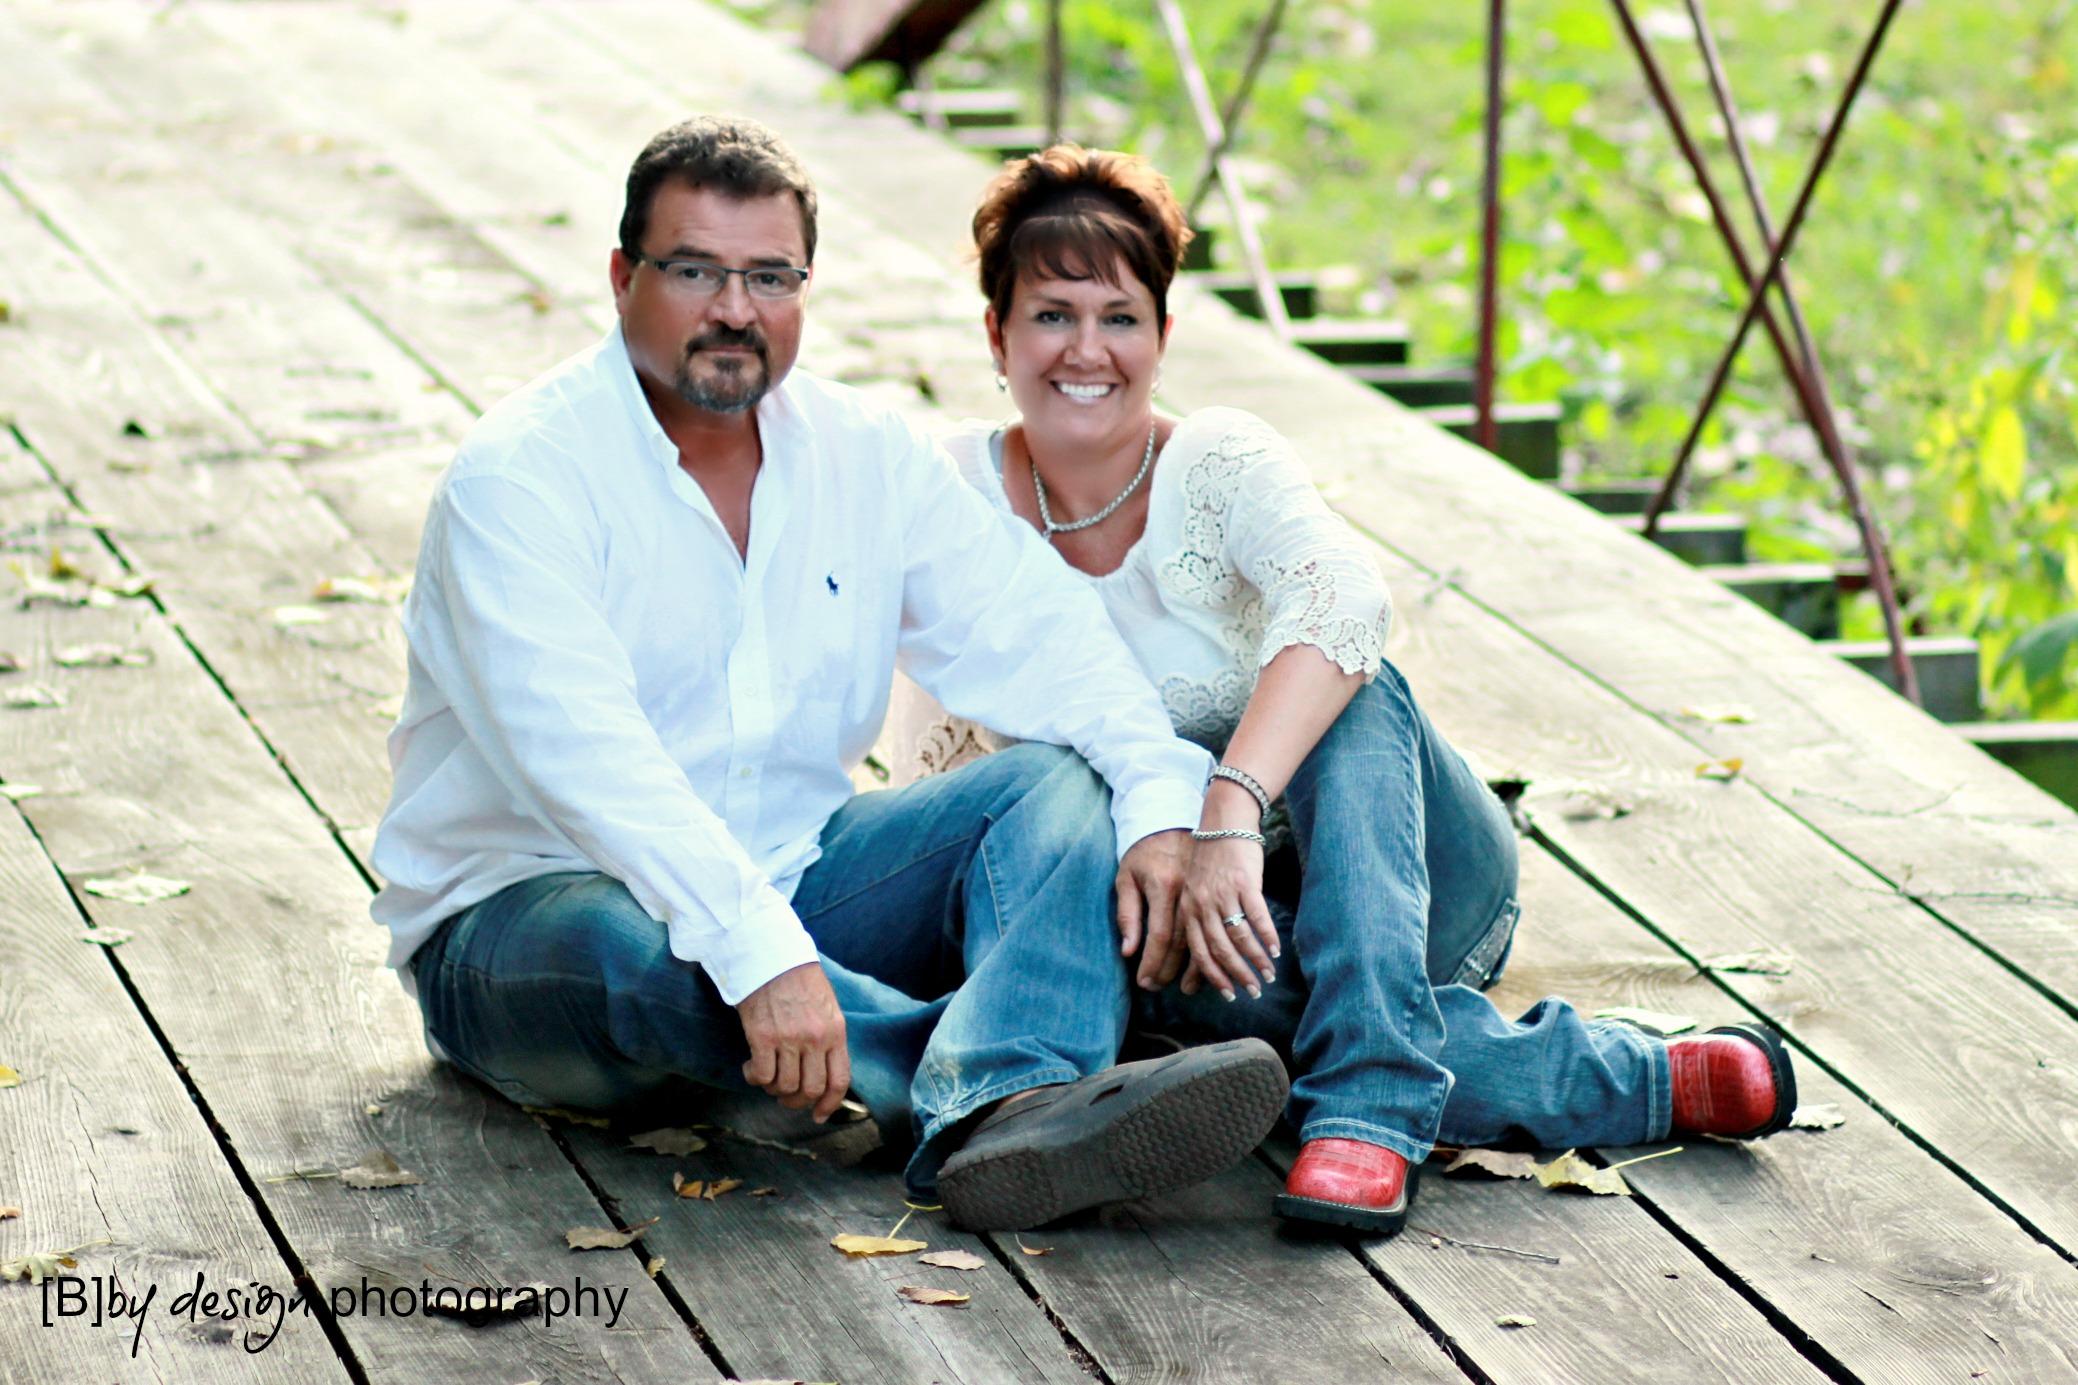 Melissa family pix 349c.jpg